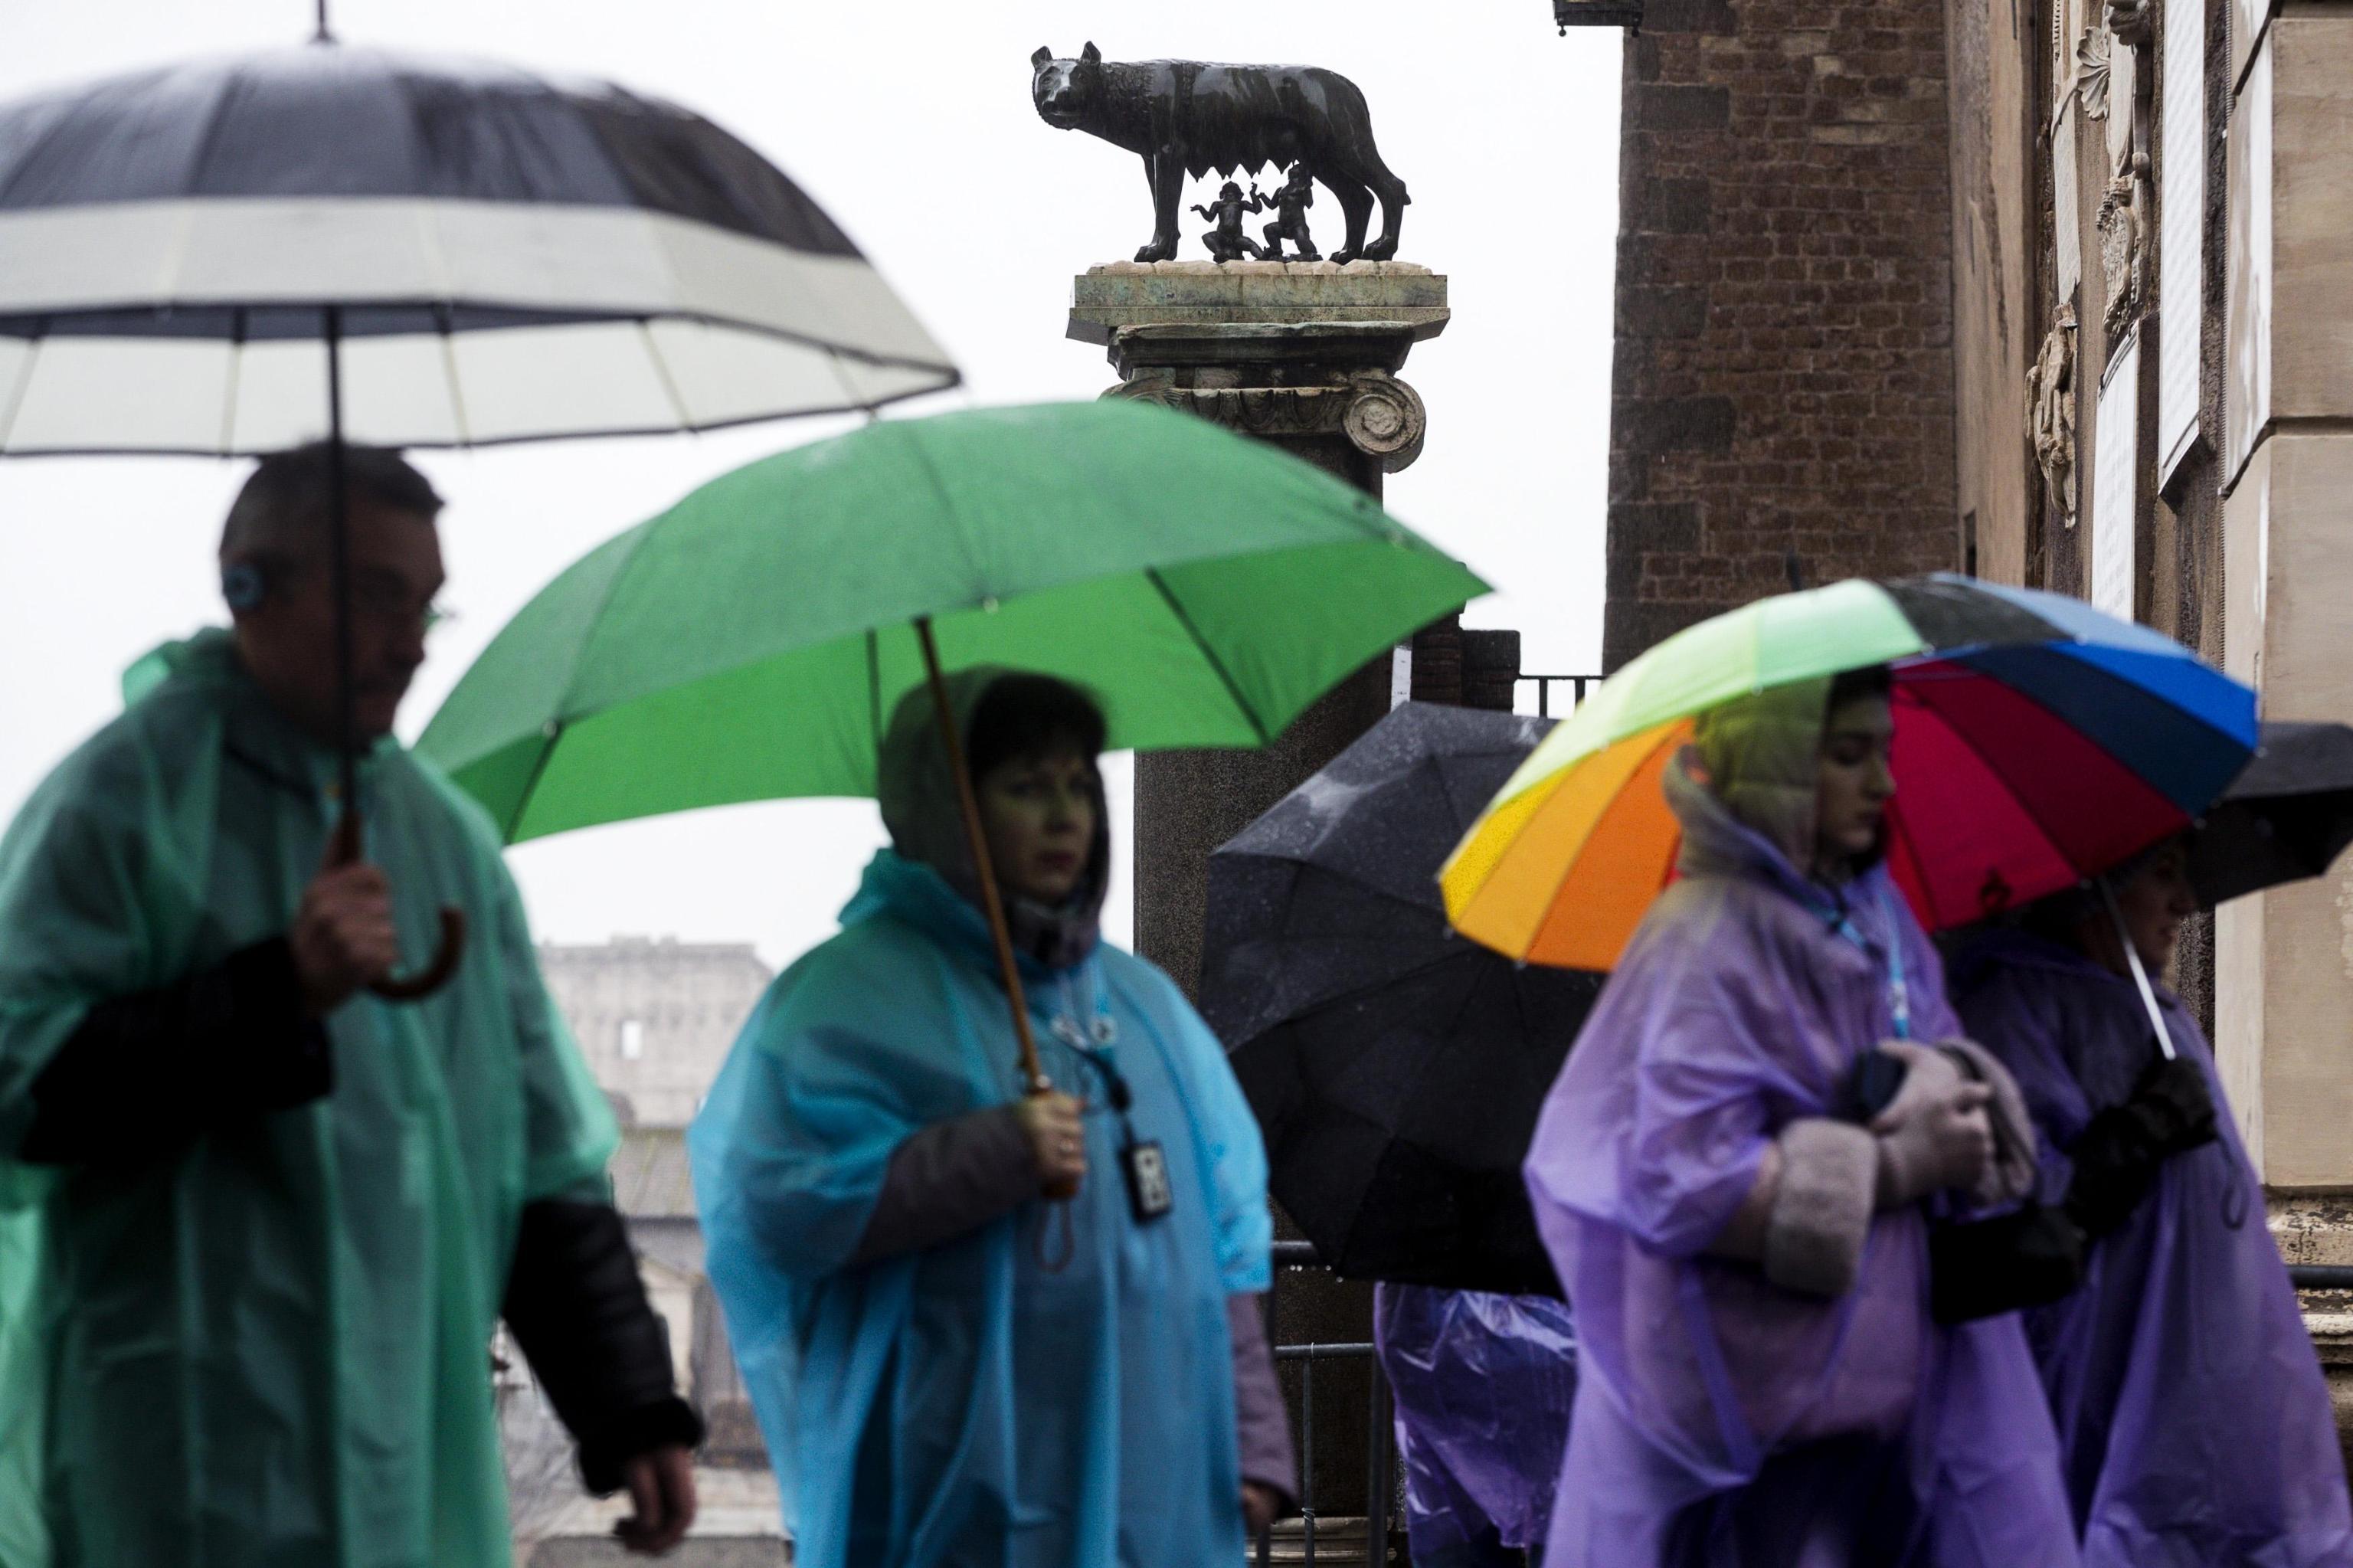 Ombrelli aperti e mantelle colorate a Roma